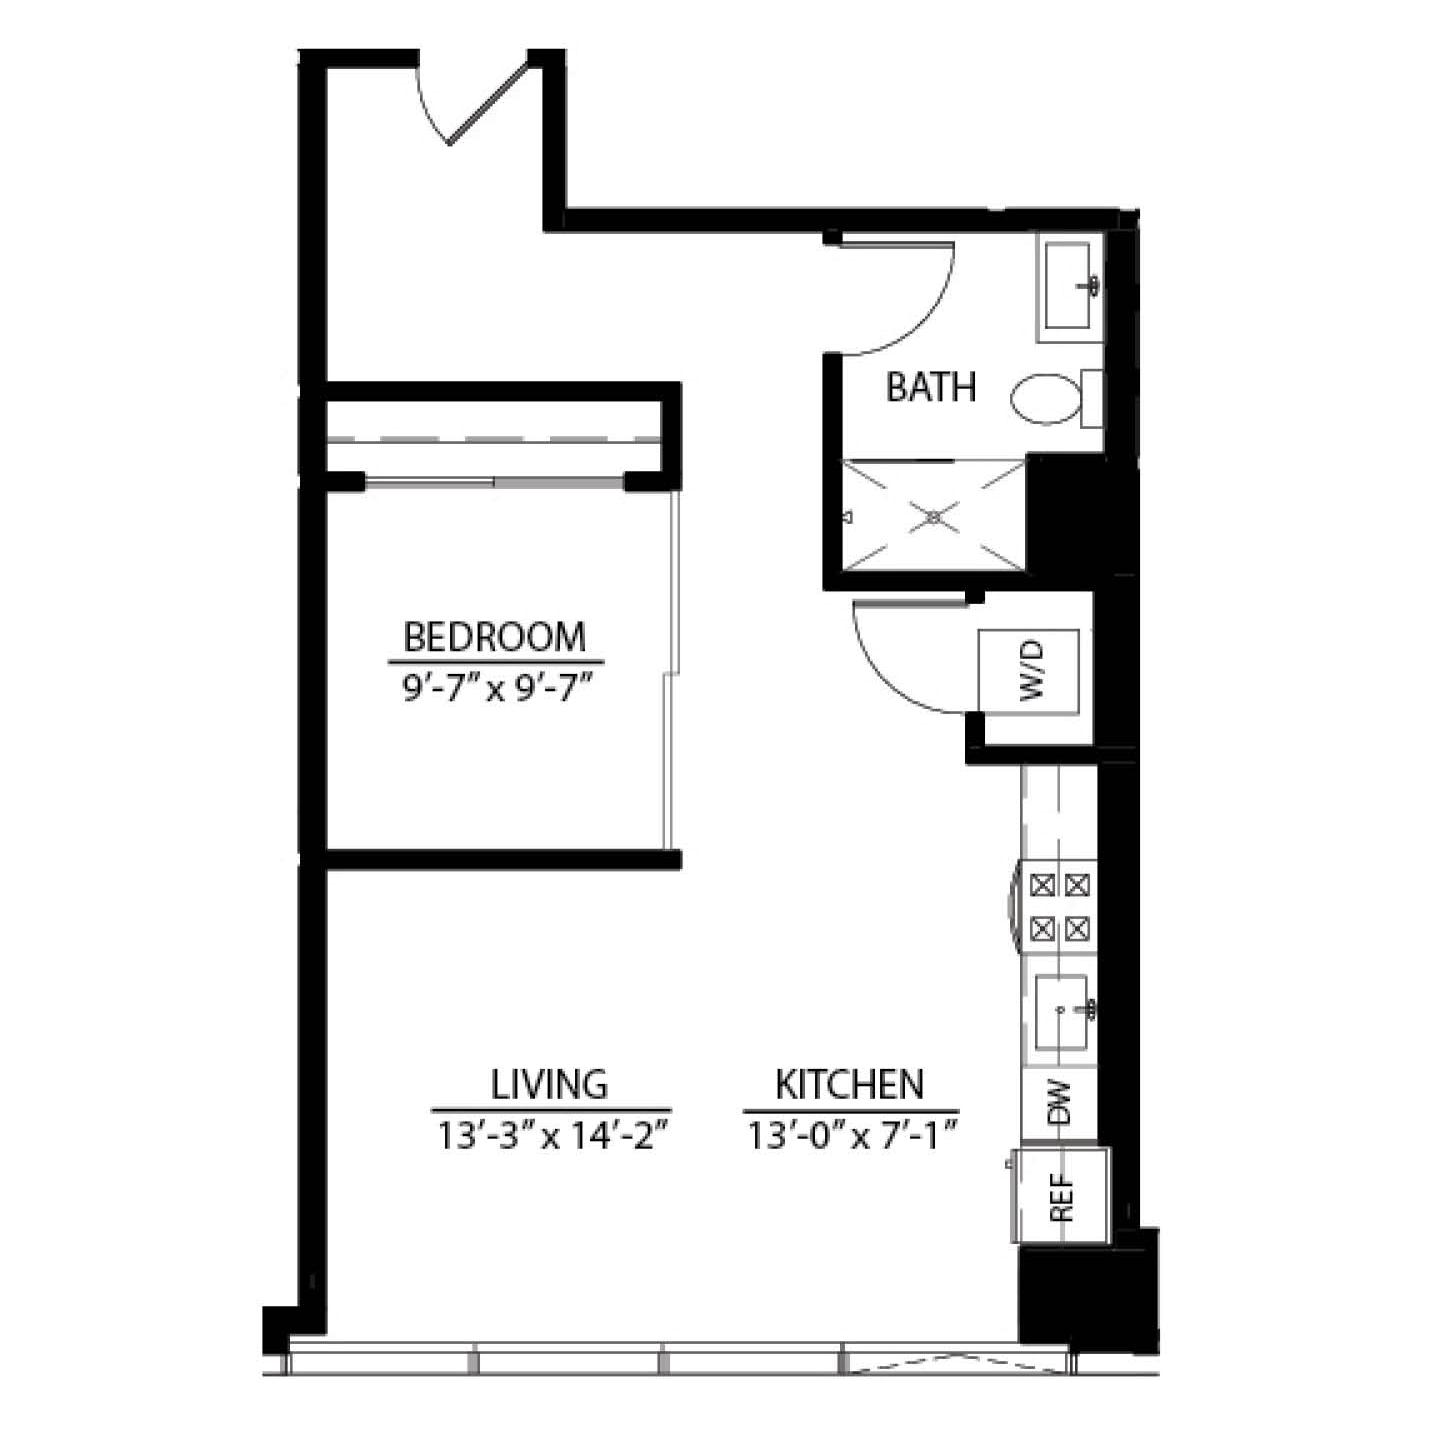 One Bedroom XB floor plan